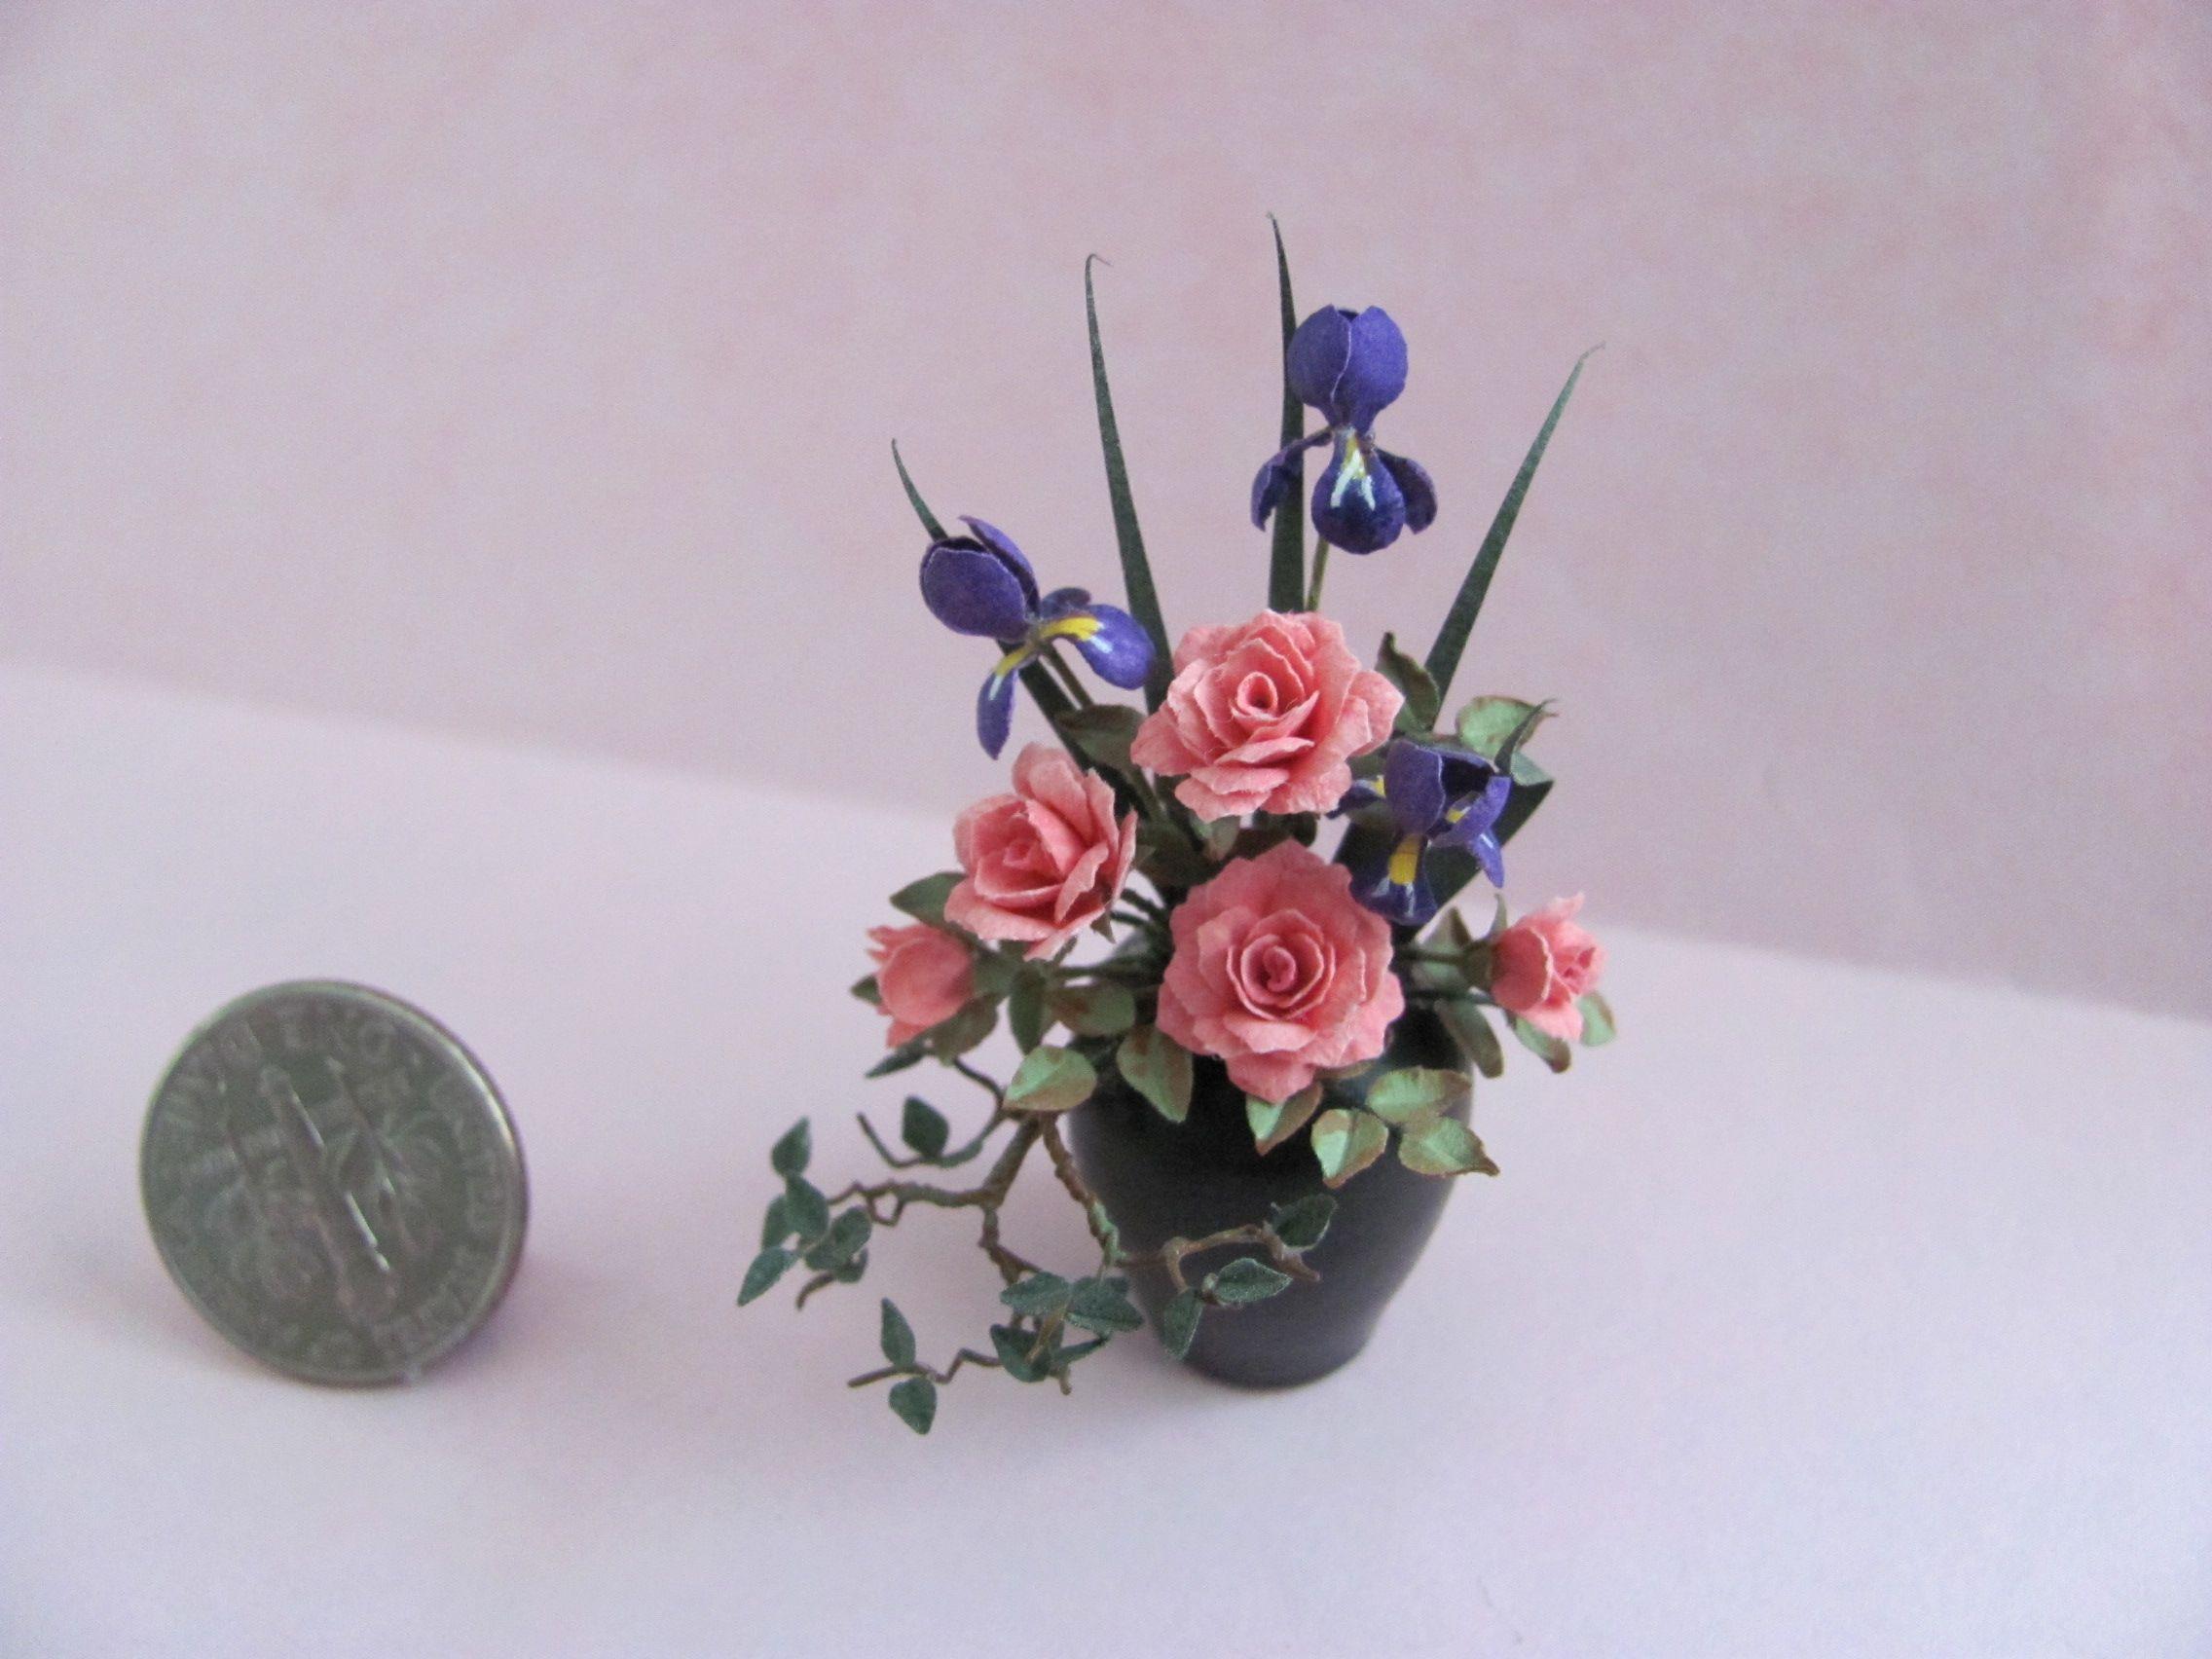 A Miniature Flower Arrangement Small Flower Arrangements Flower